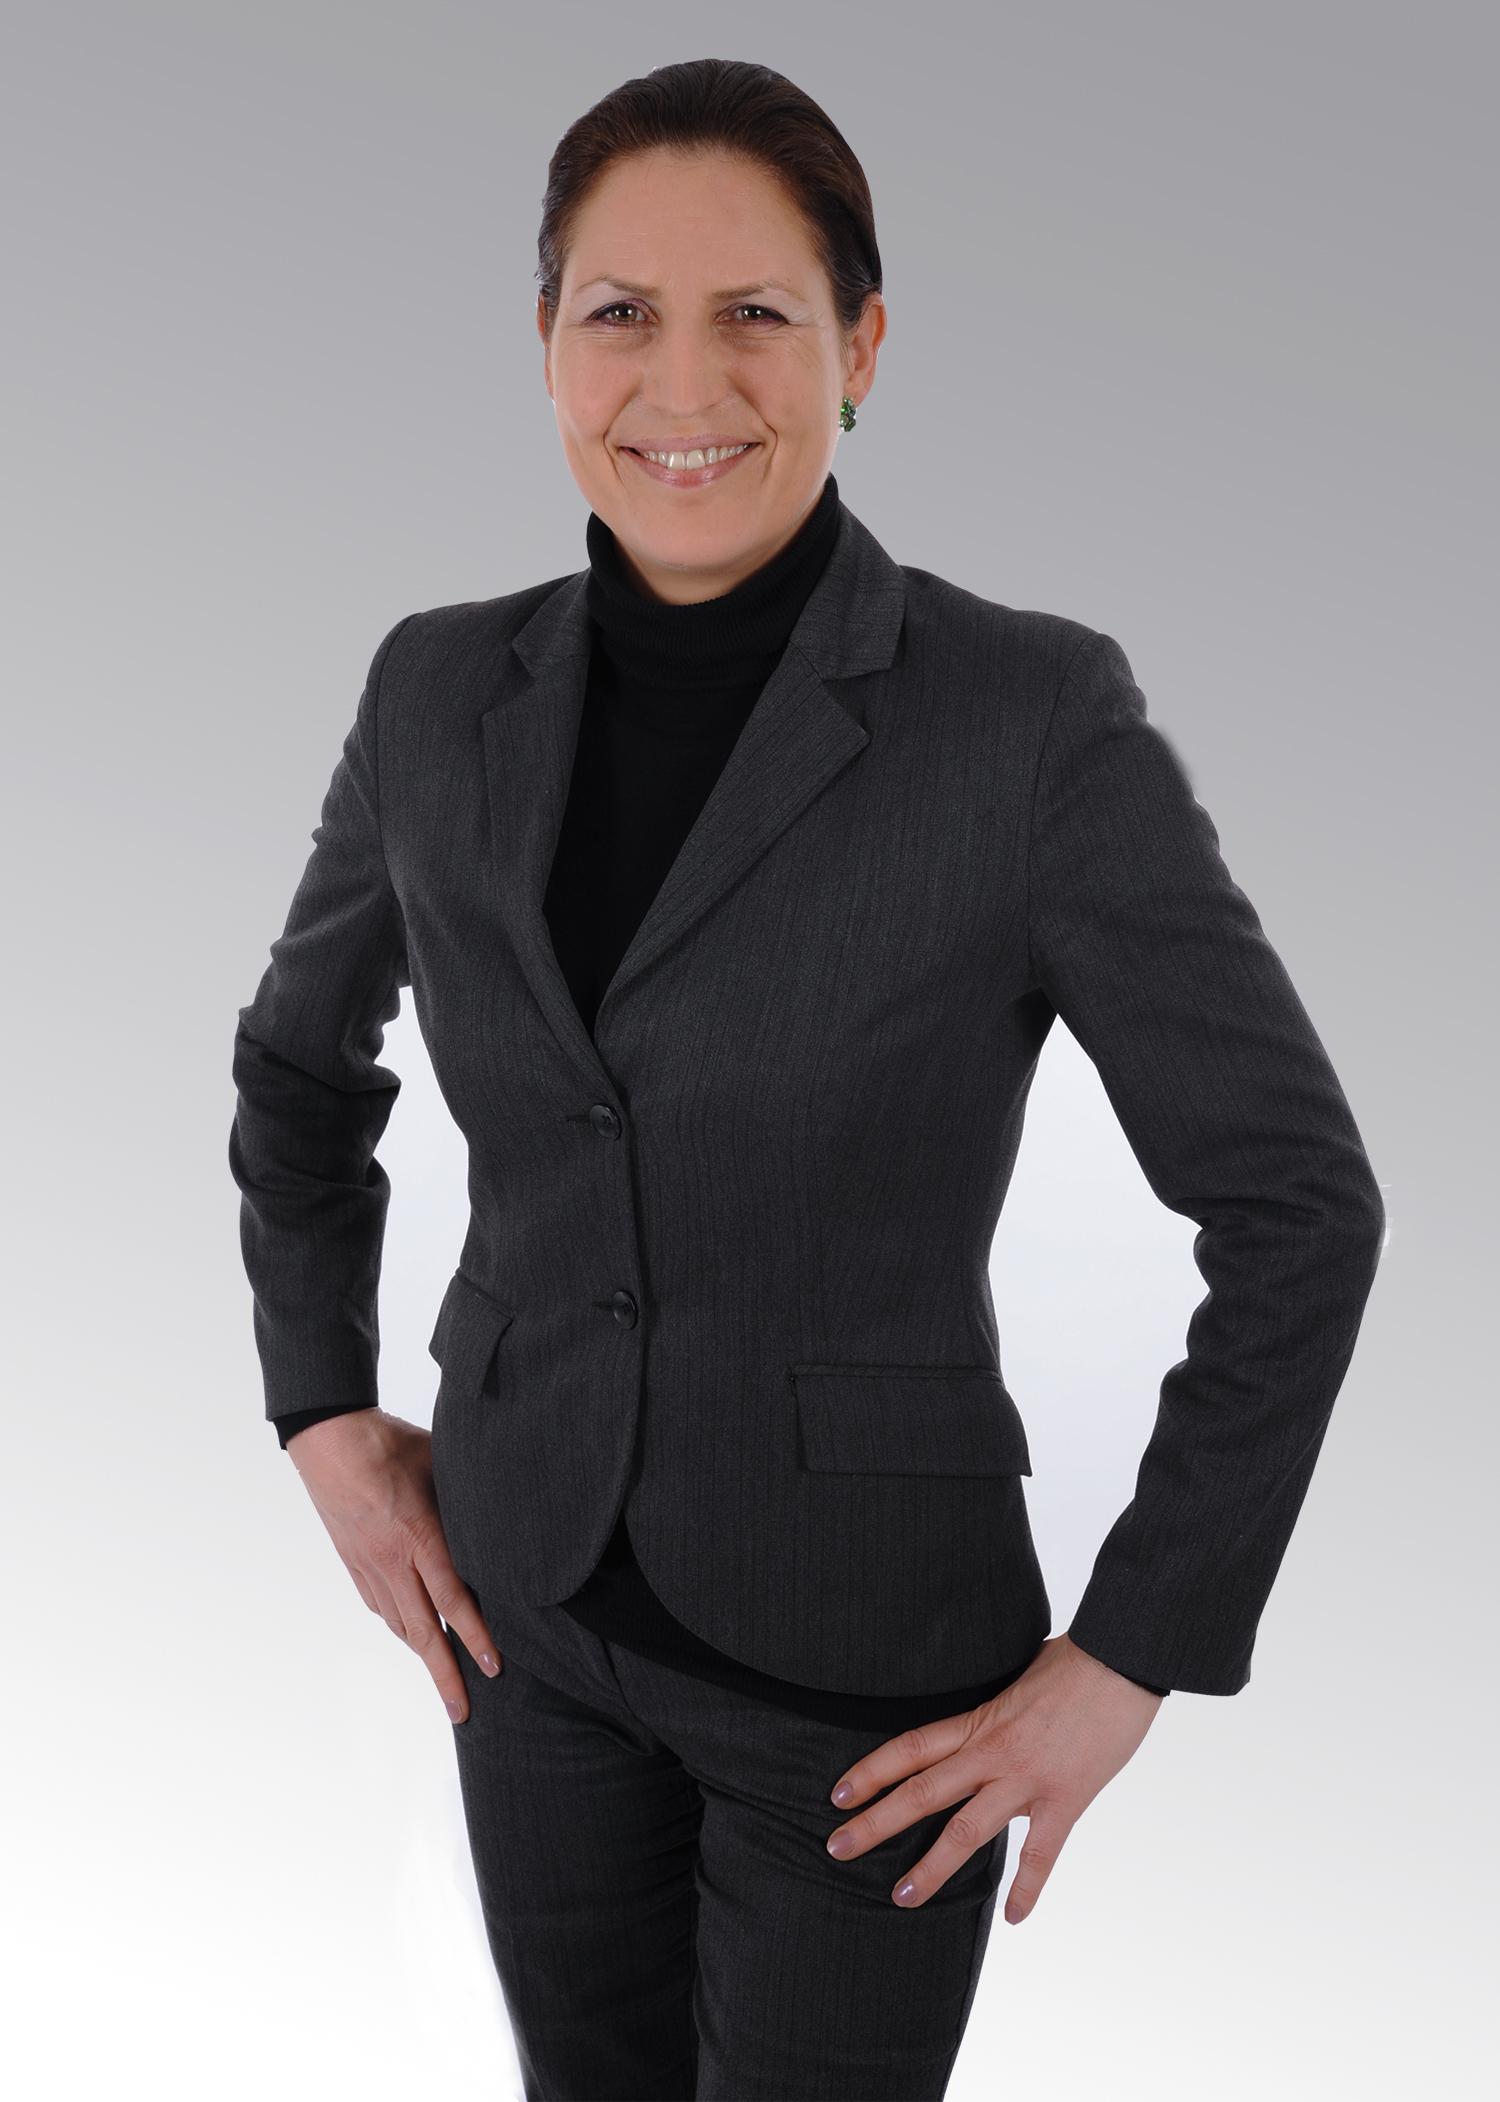 Melanie Albrecht 1 - Melanie Albrecht